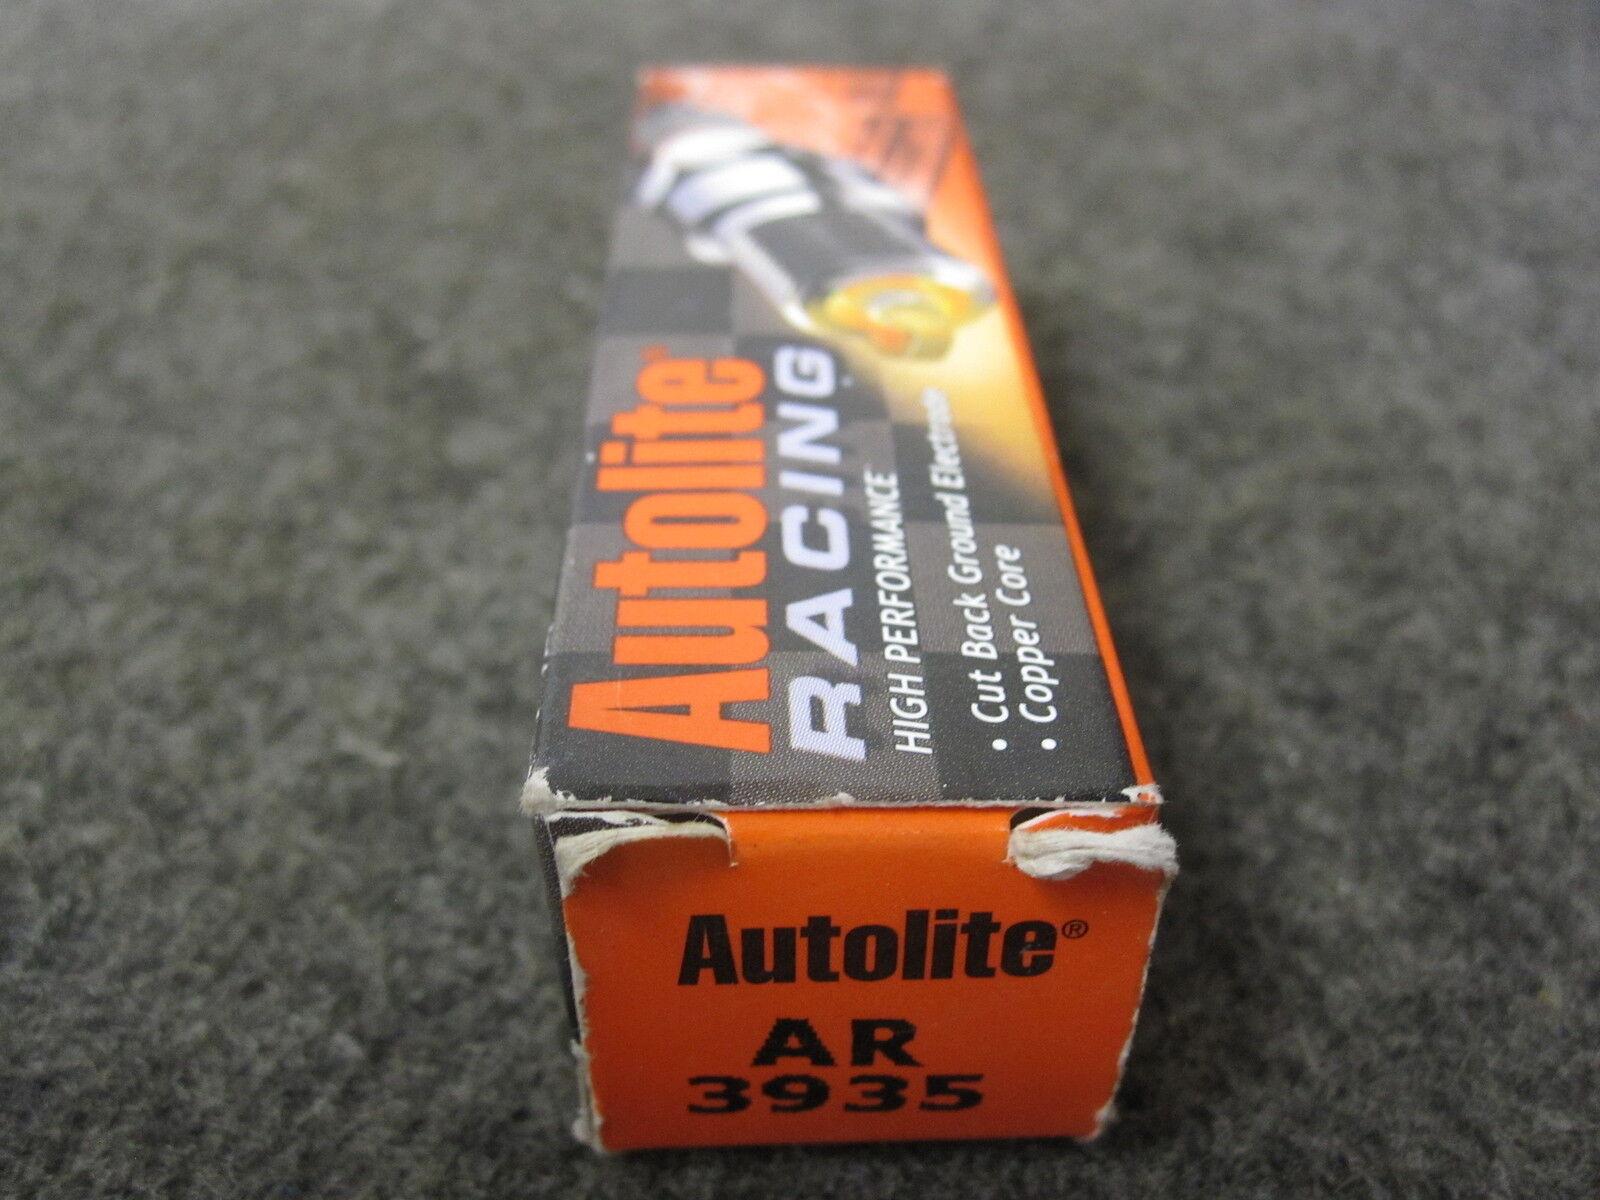 Pack of 1 Autolite AR3935 Racing Spark Plug